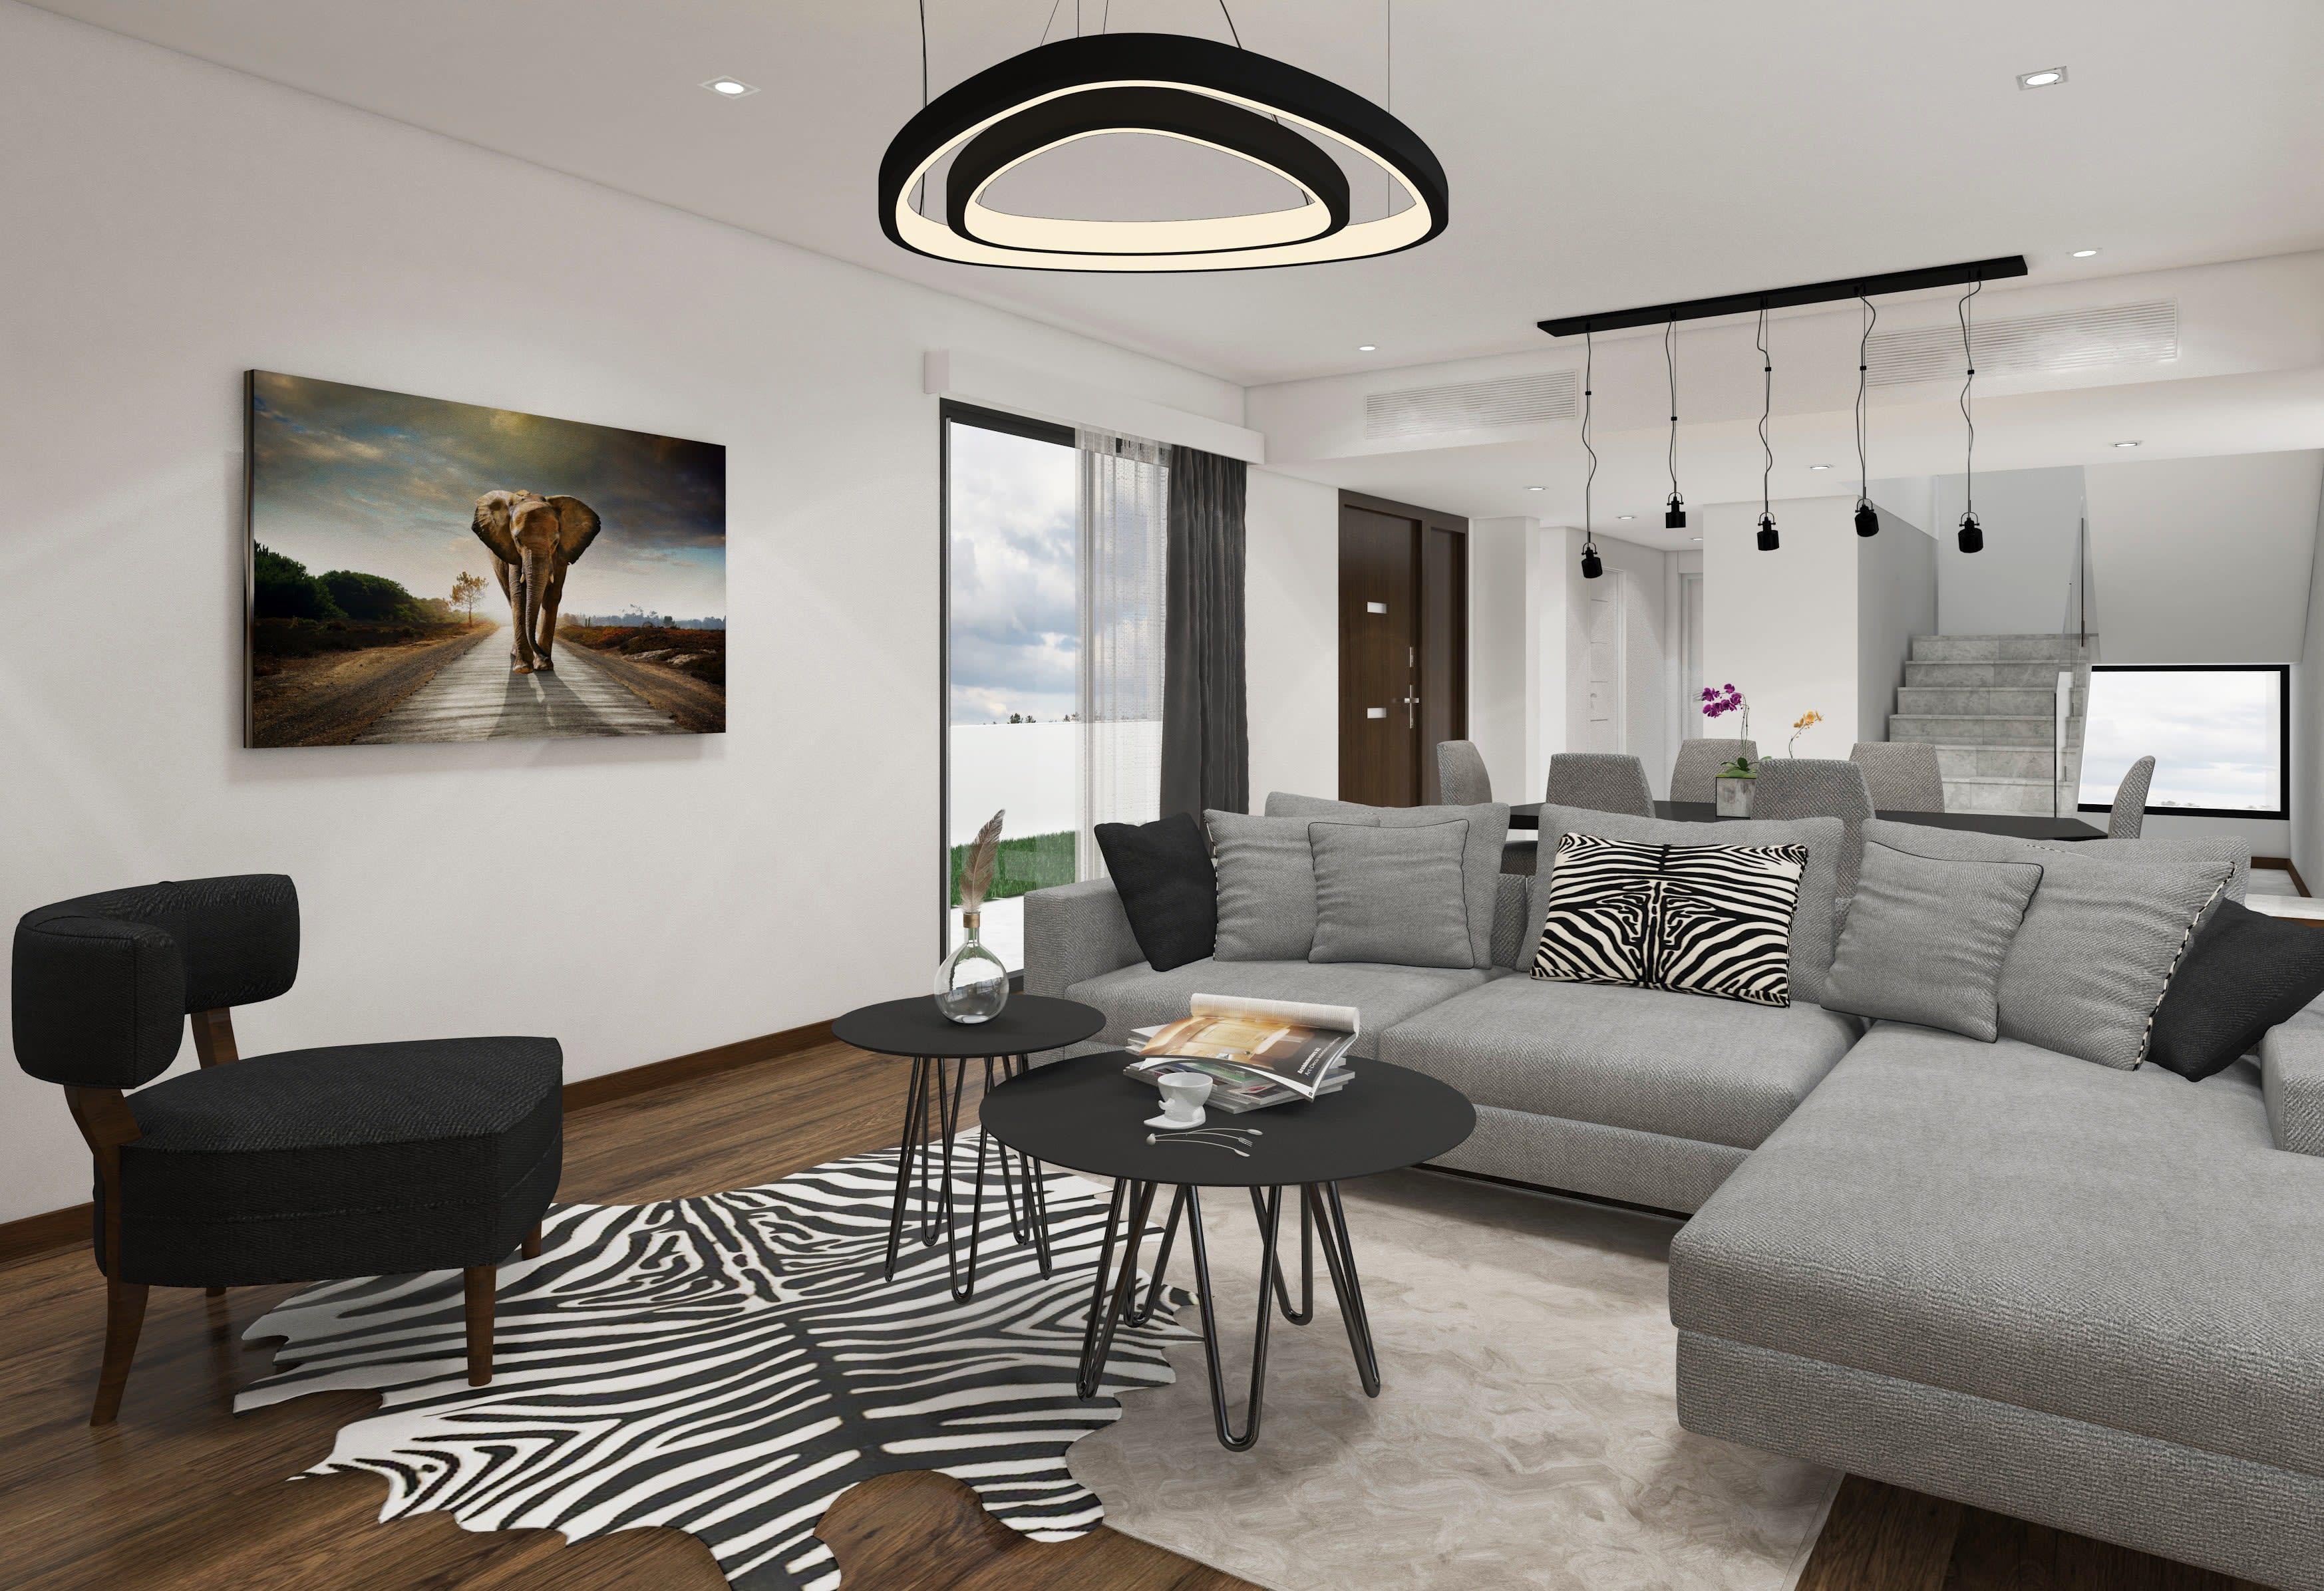 Çatalköy'de Satılık 4 Yatak Odalı ve Özel Havuzlu Lüks Villalar 7934